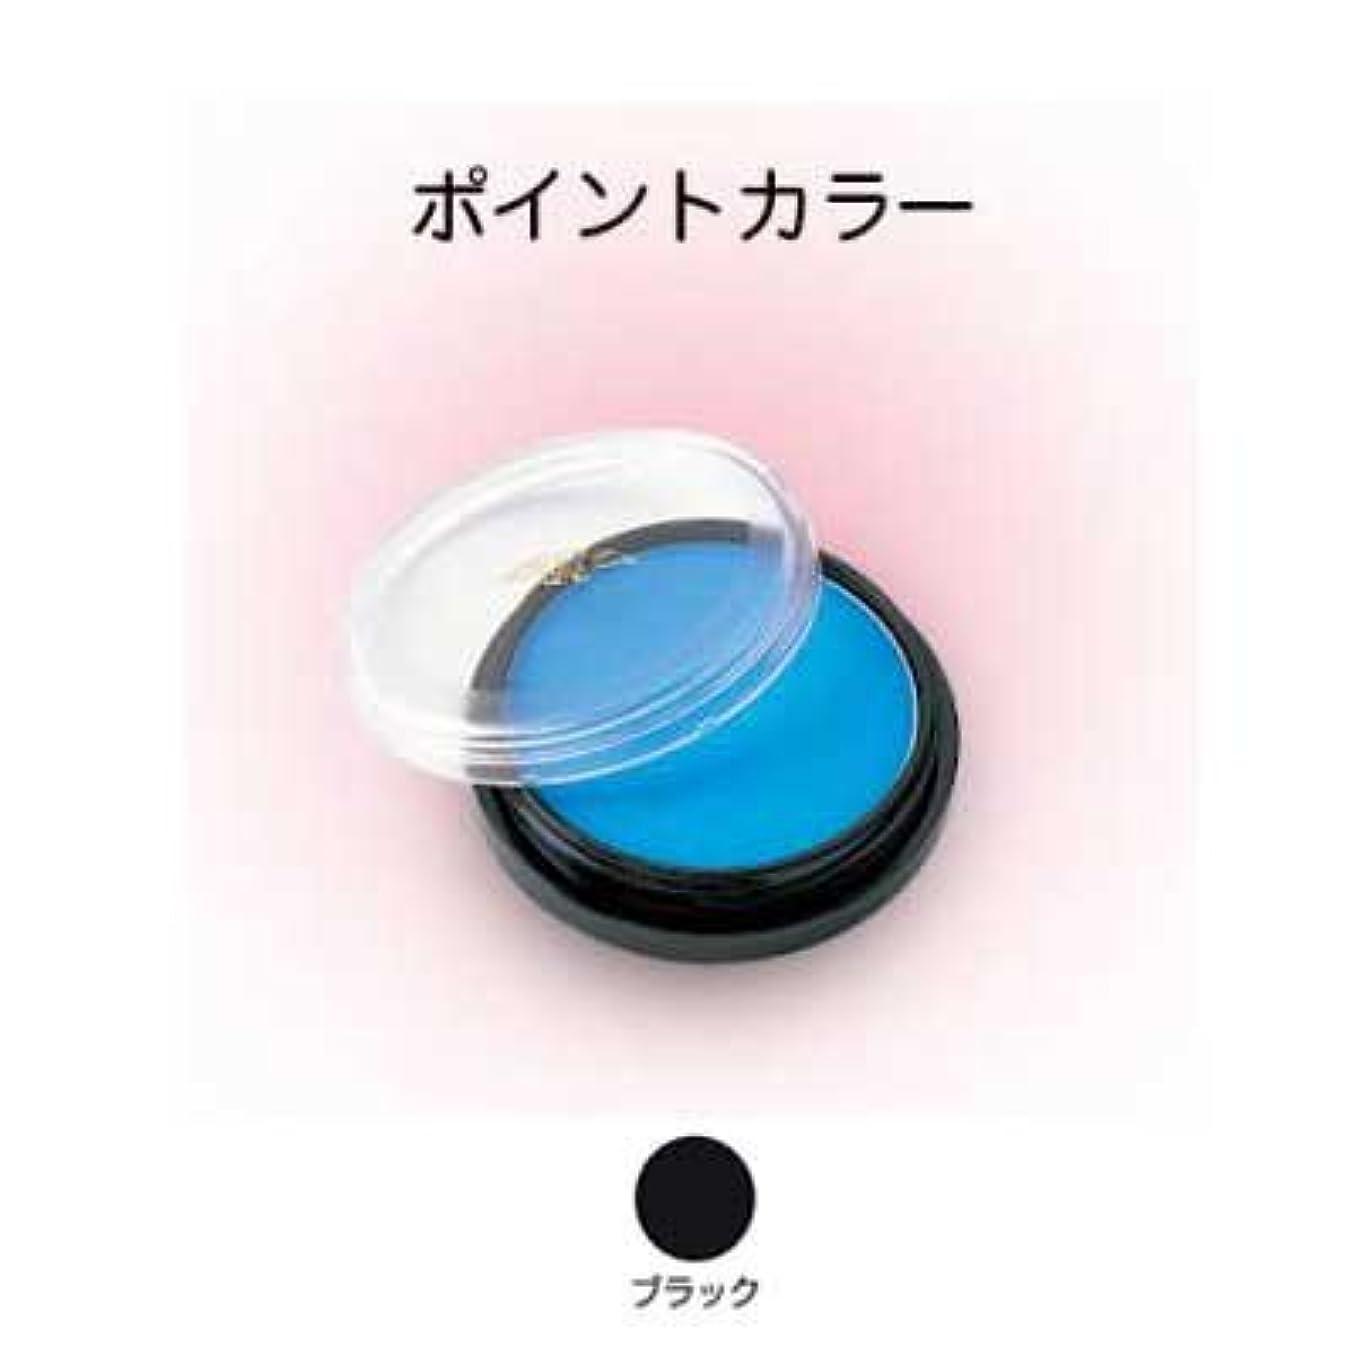 値ケーキ鮫プラスカラー ブラック【三善】